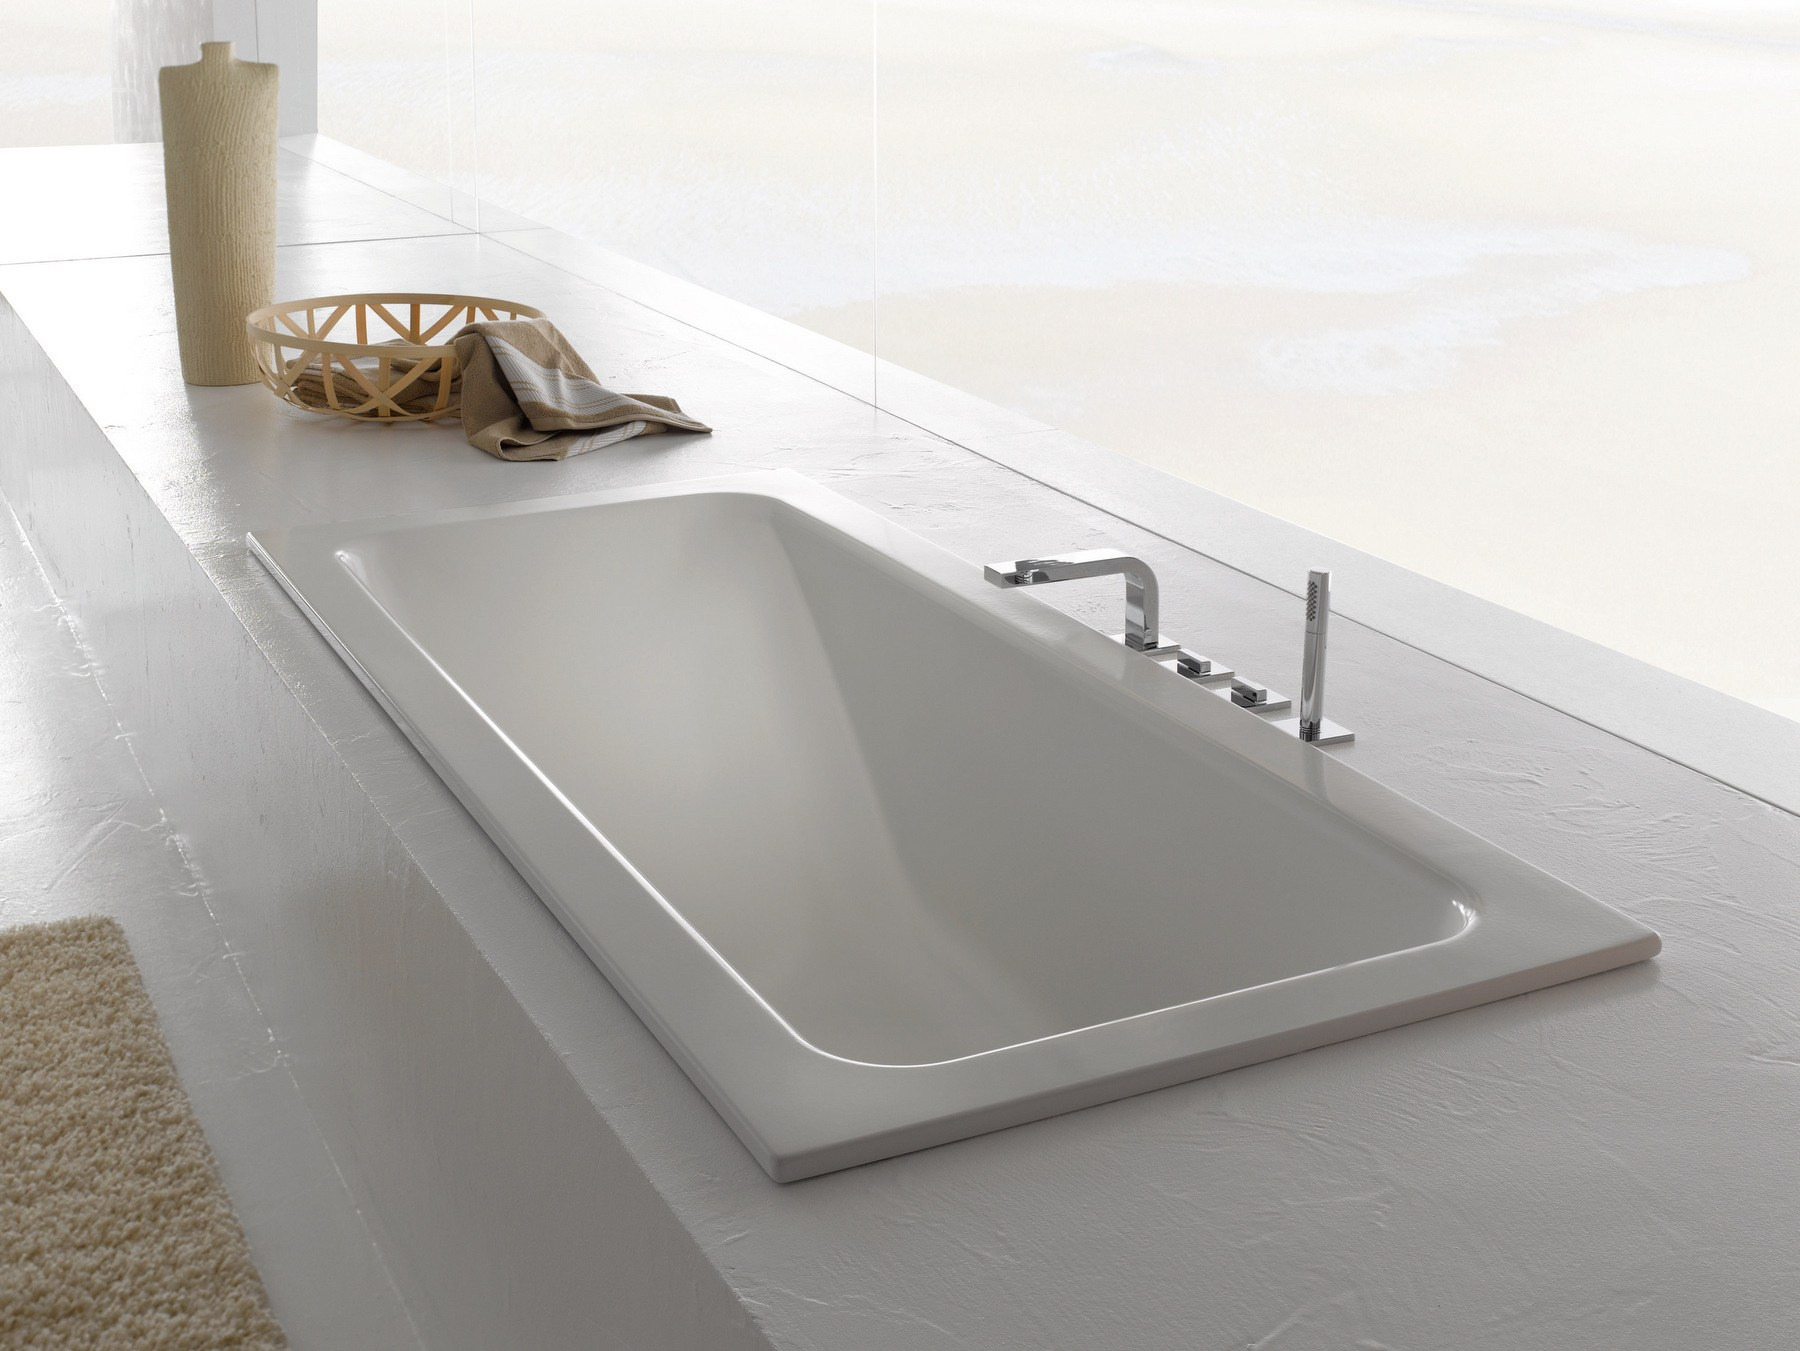 rechteckige einbau badewanne betteone relax by bette. Black Bedroom Furniture Sets. Home Design Ideas